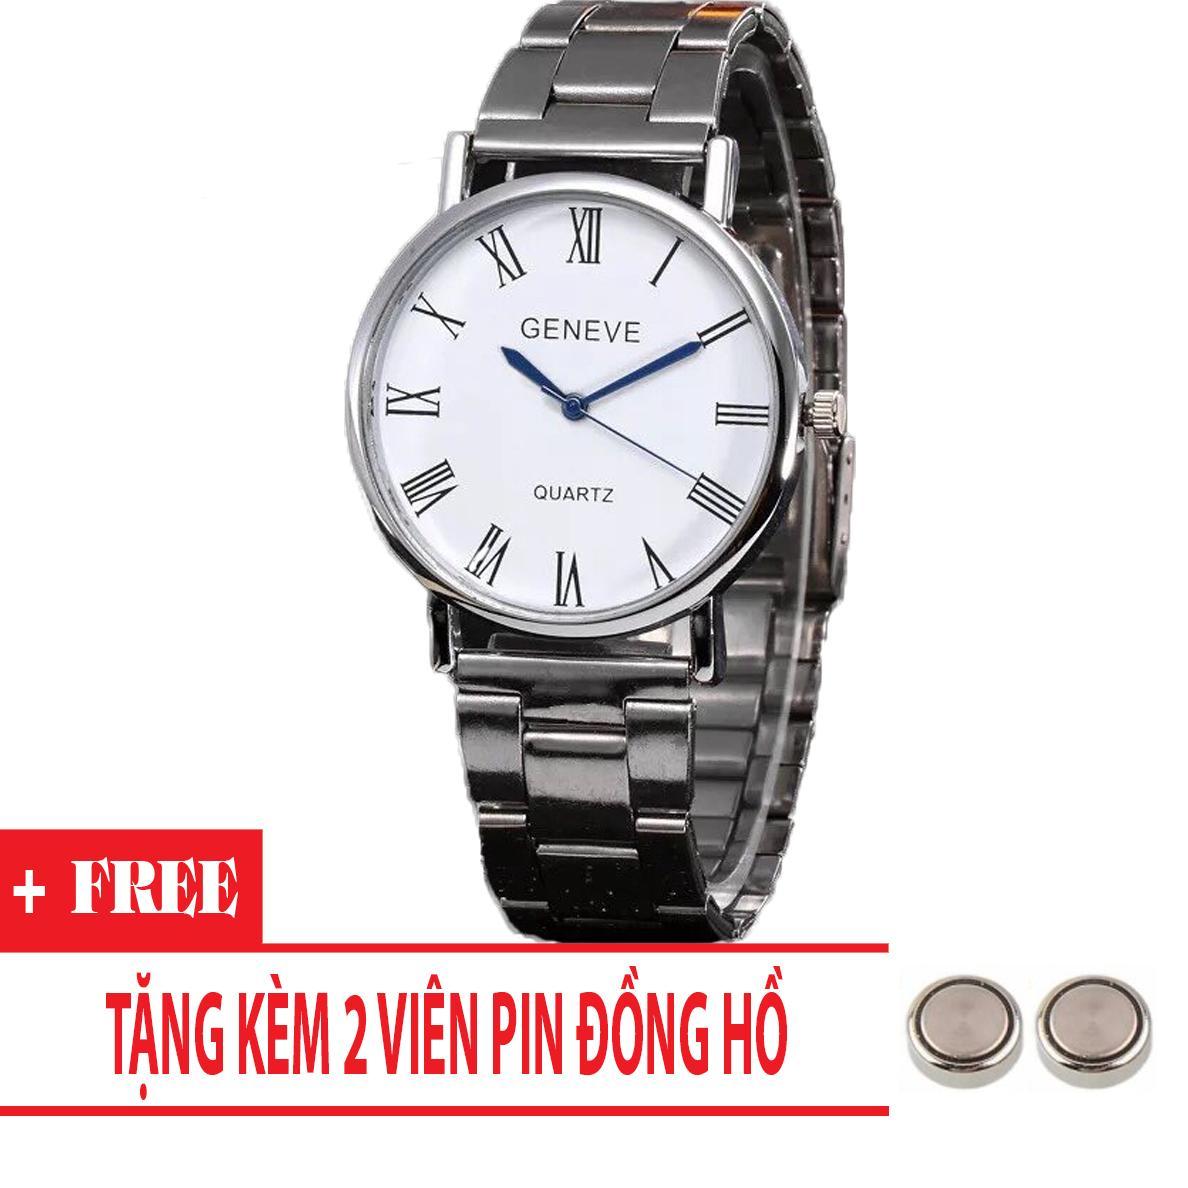 Hình ảnh Đồng hồ nam dây thép giá rẻ Geneve cá tính (Dây Bạc, Mặt Trắng) + Tặng Kèm Pin